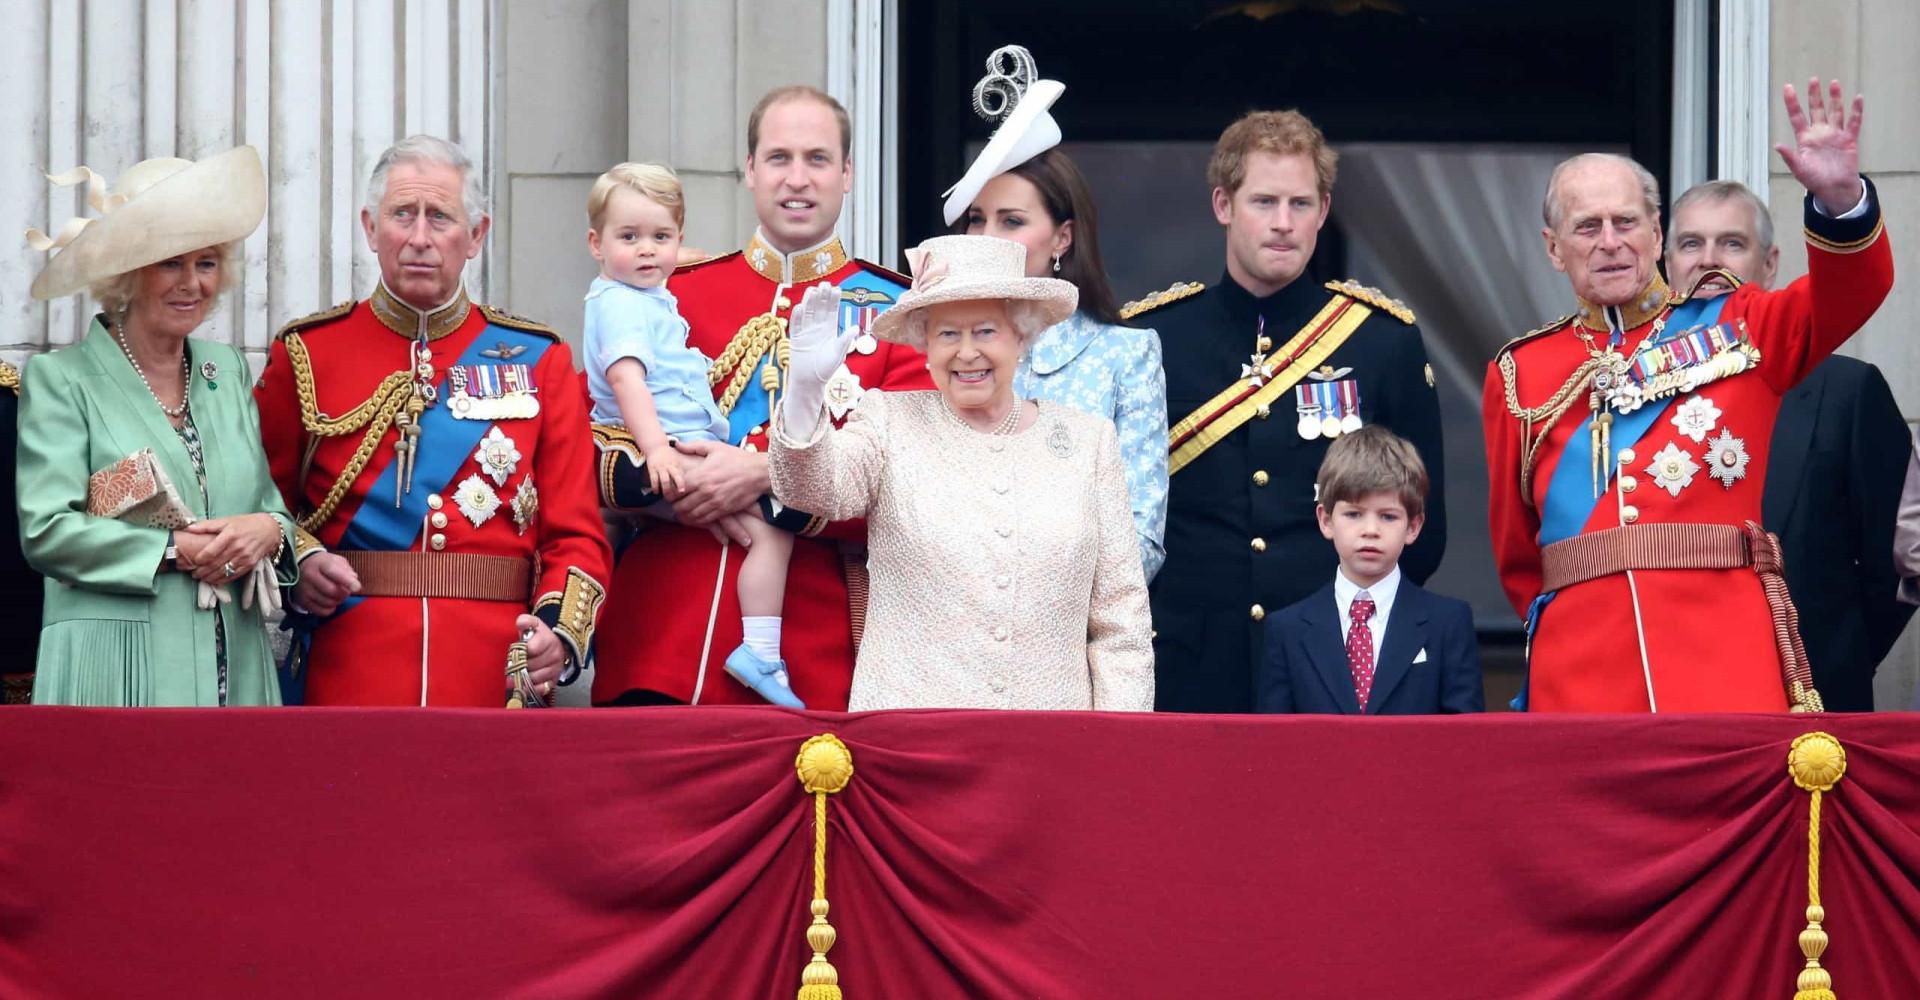 Le coronavirus affecte-t-il la vie de la famille royale britannique?